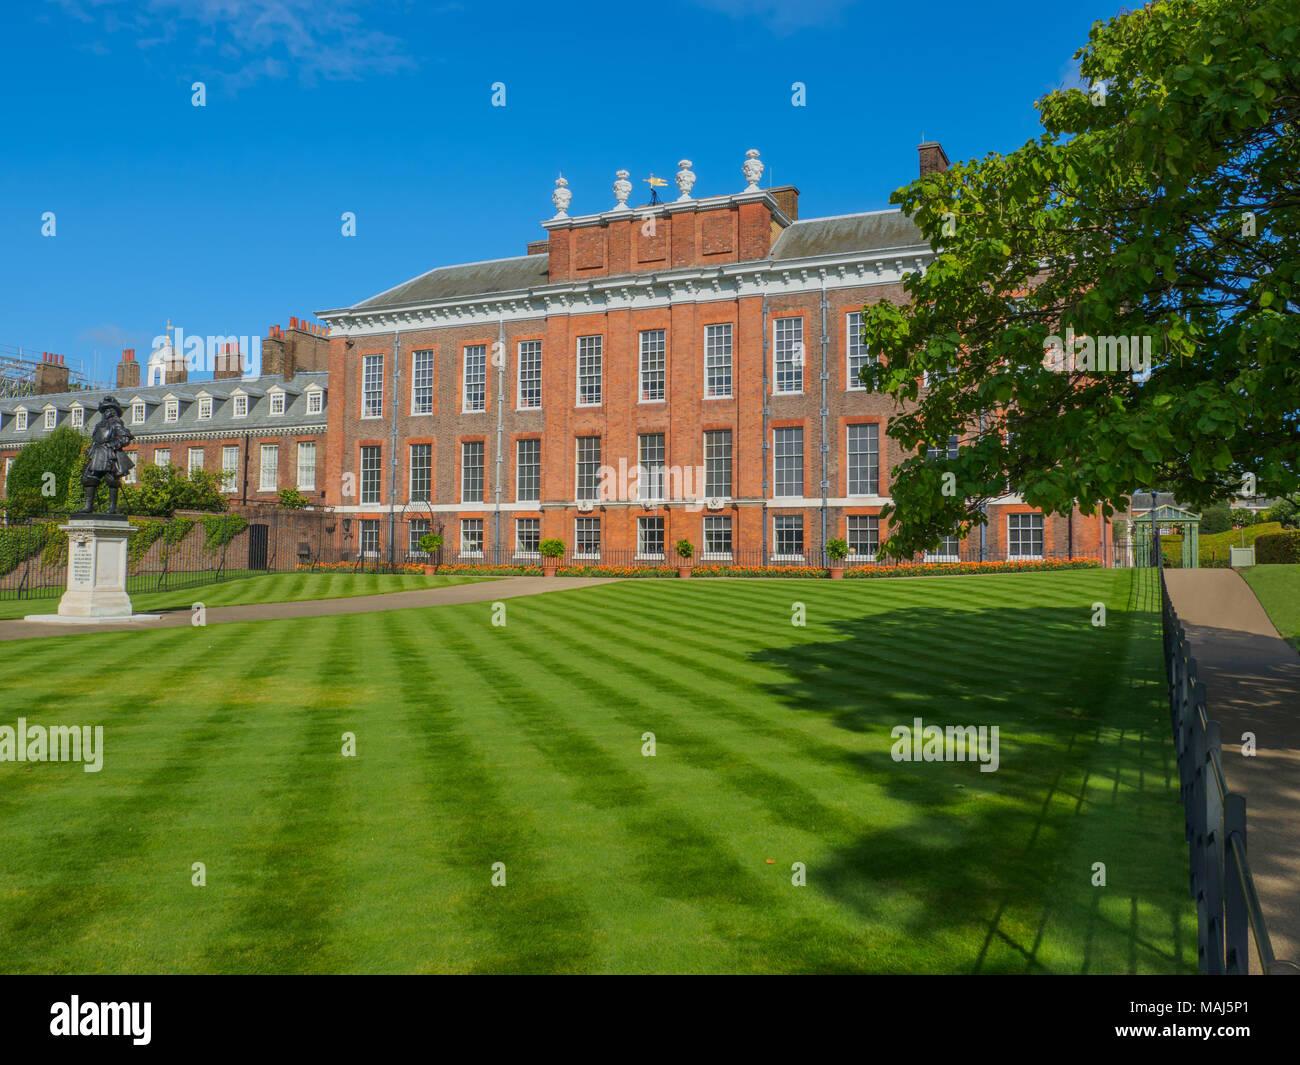 Blick auf Kensington Palace, eine königliche Residenz im Park Kensington Gardens mit einer Statue von König William III. in London an einem sonnigen Tag. Stockfoto